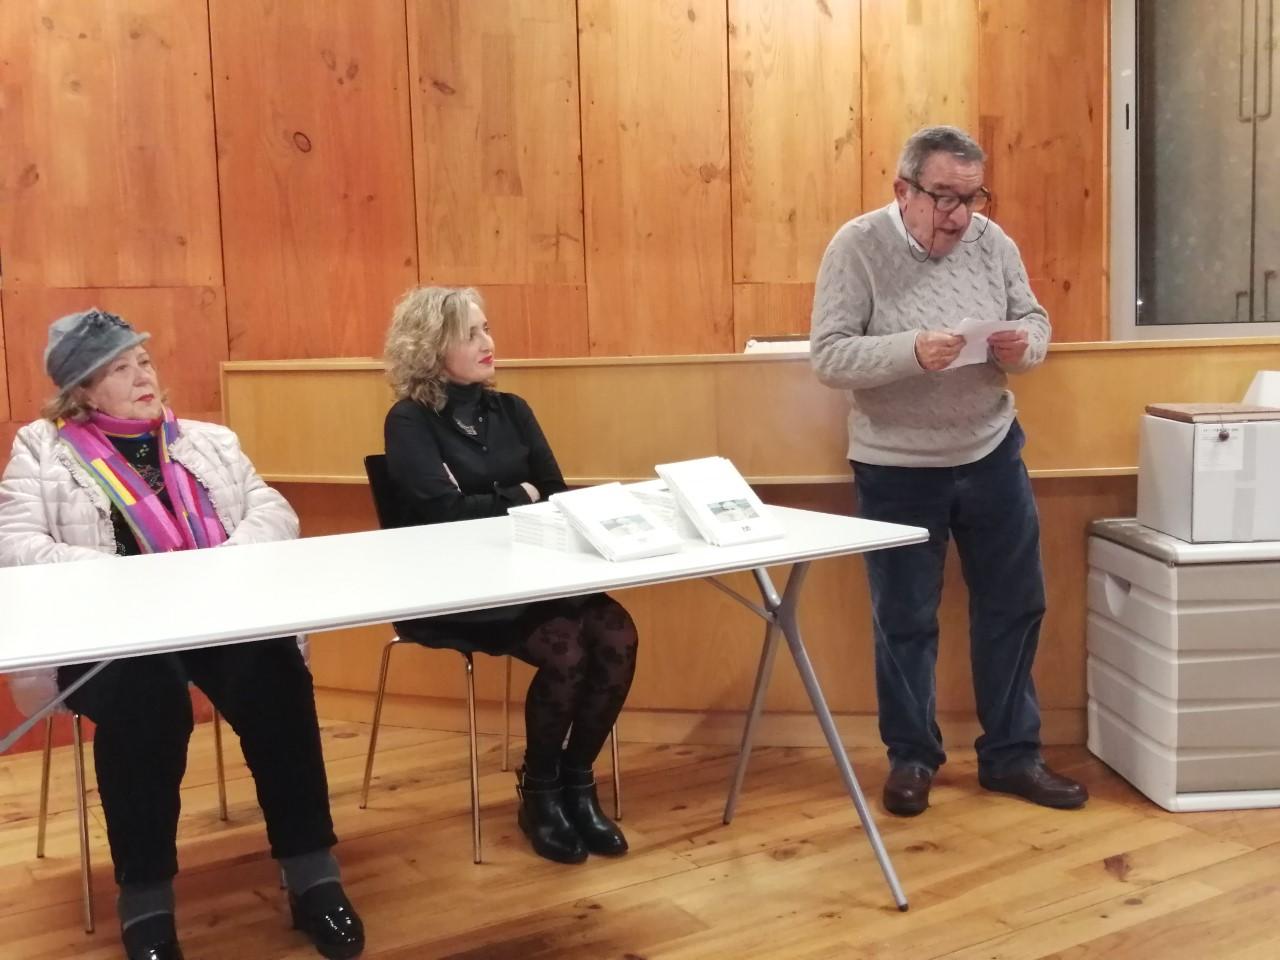 Presentación do libro compilatorio dos poemas gañadores dos certames María Mariño